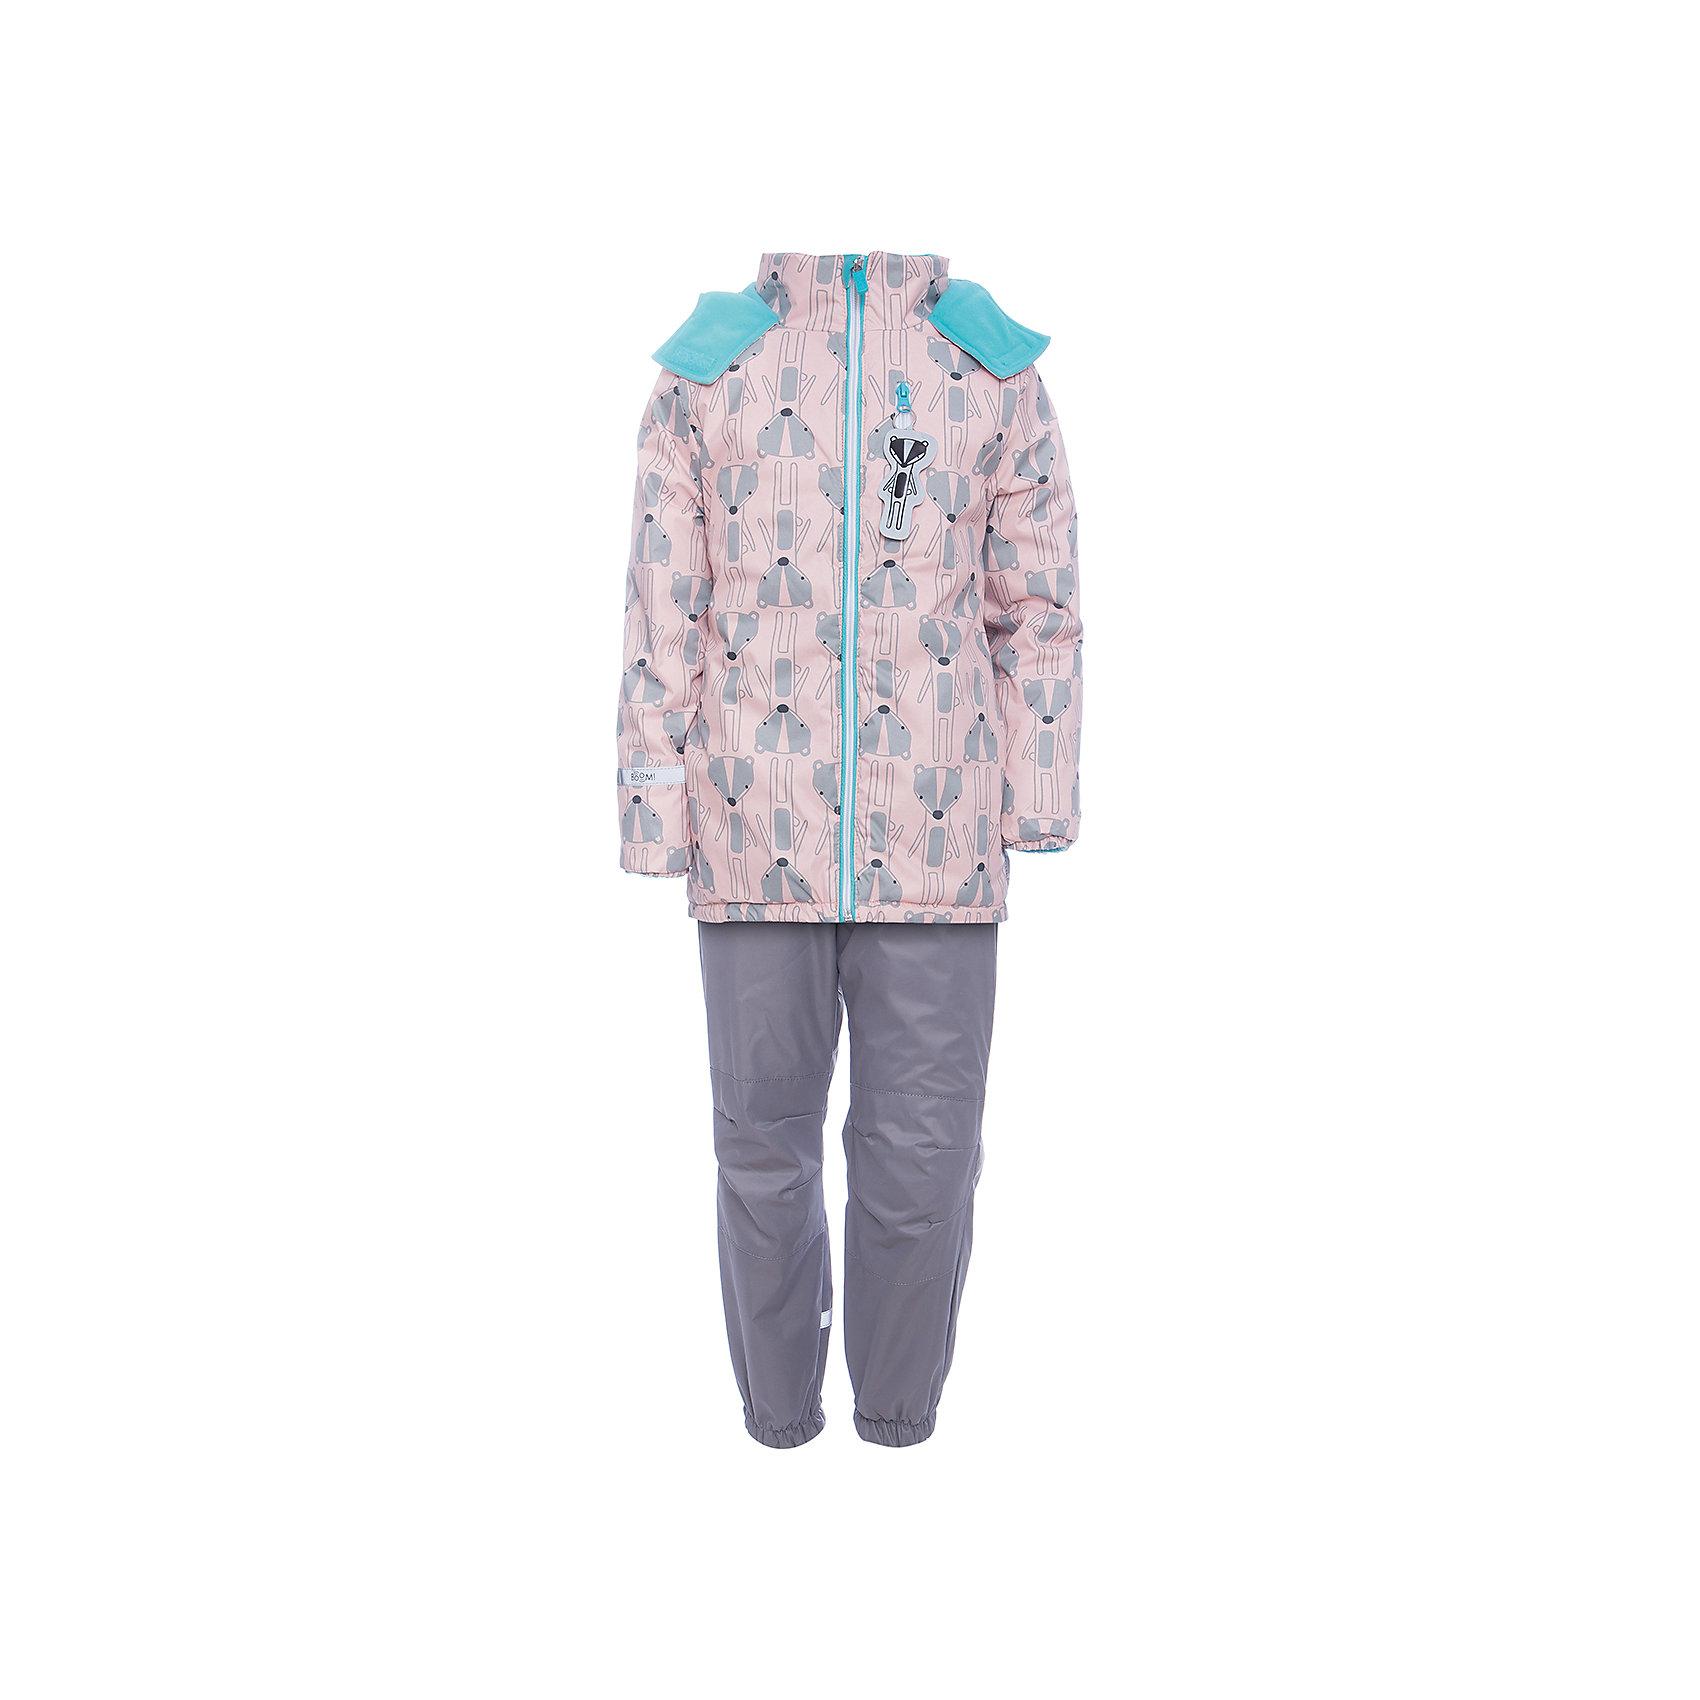 Комплект: куртка и брюки BOOM by Orby для девочкиВерхняя одежда<br>Характеристики товара:<br><br>• цвет: розовый<br>• ткань верха: Нейлон с мембранным покрытием 3000х3000<br>• подкладка: куртка - поларфлис; брюки - поларфлис; ПЭ пуходержащий<br>• утеплитель: куртка - FiberSoft 150 г/м2<br>• сезон: демисезон<br>• температурный режим: от 0°до +15°С<br>• особенности куртки: на молнии, швы проклеены, со светоотражающими элементами<br>• особенности брюк: на резинке<br>• капюшон: без меха <br>• страна бренда: Россия<br>• страна изготовитель: Россия<br><br>Мембранный комплект для девочки позволит обеспечить ребенку комфорт в демисезон. Куртка и брюки защитят от сырости в дождливую погоду и согреют в небольшой мороз.<br><br>Комплект: куртка и брюки BOOM by Orby для девочки можно купить в нашем интернет-магазине.<br><br>Ширина мм: 356<br>Глубина мм: 10<br>Высота мм: 245<br>Вес г: 519<br>Цвет: розовый<br>Возраст от месяцев: 72<br>Возраст до месяцев: 84<br>Пол: Женский<br>Возраст: Детский<br>Размер: 122,104,86,92,98,110,116<br>SKU: 7007030